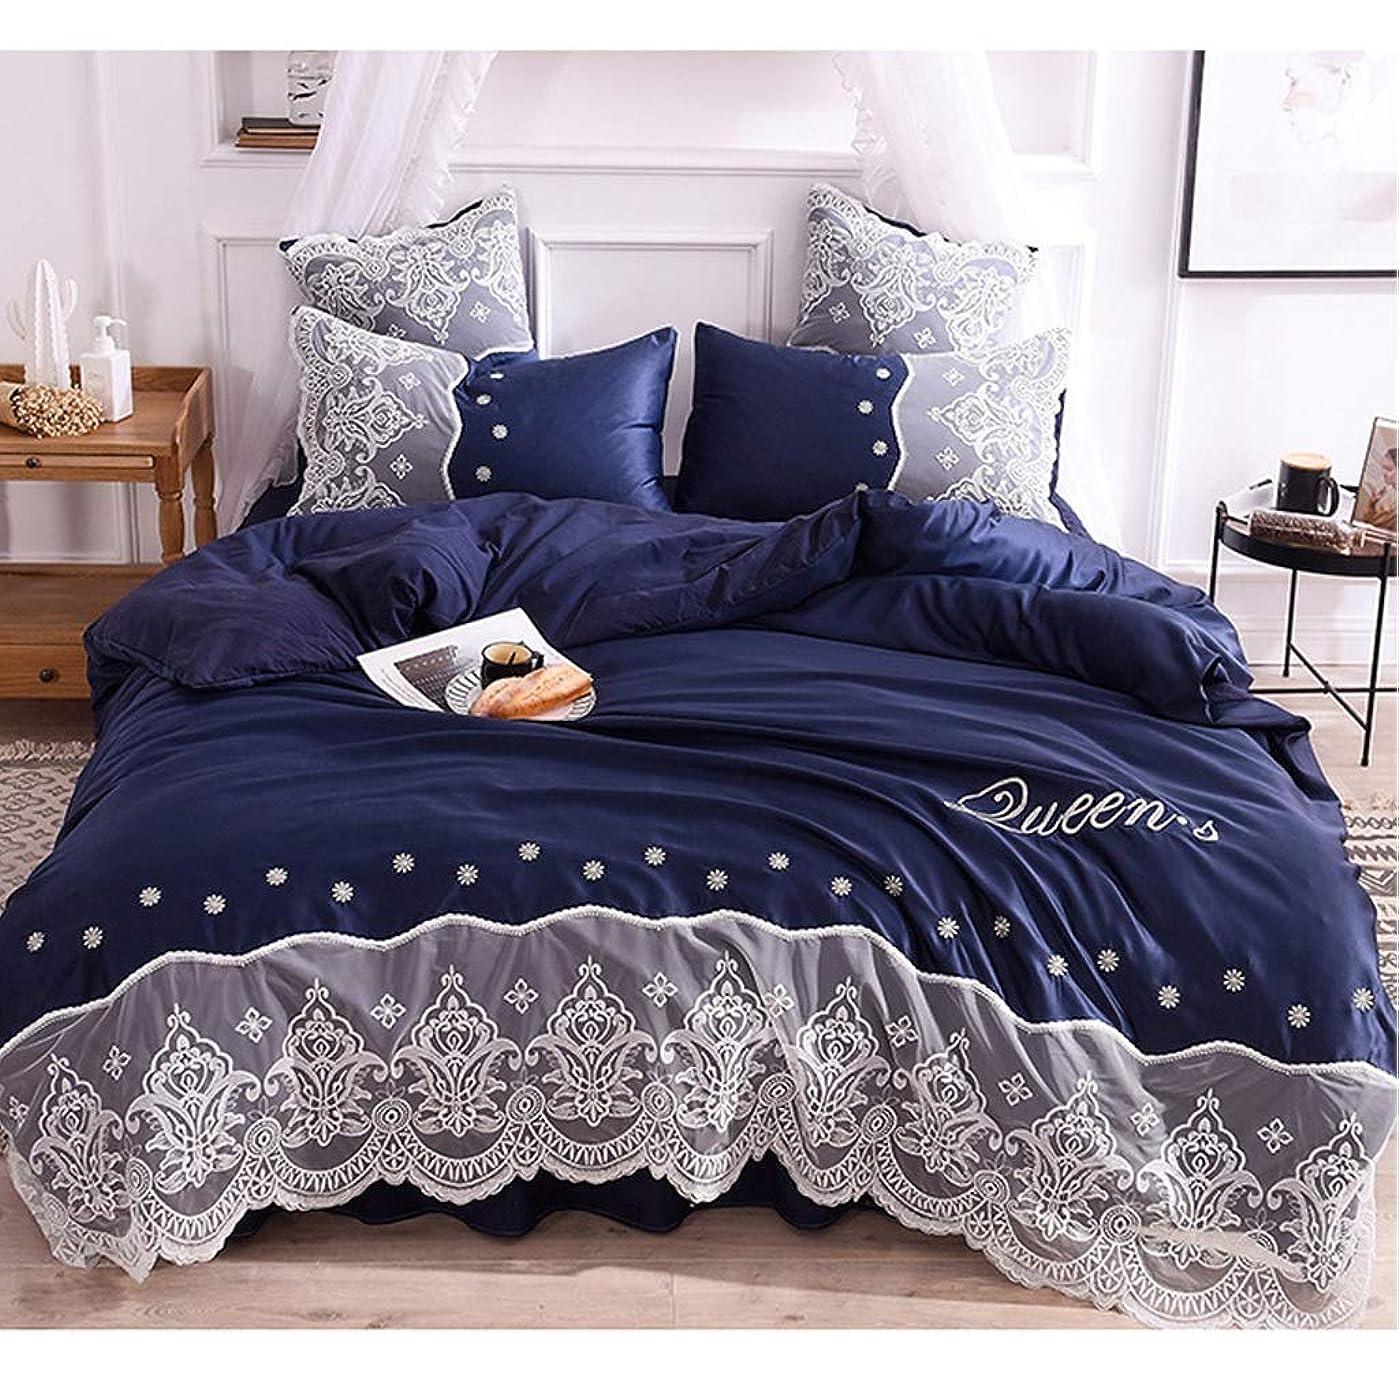 社会科合図晴れ寝具セット - レース無地4枚 (Color : Navy blue, Size : 1.8m bed)